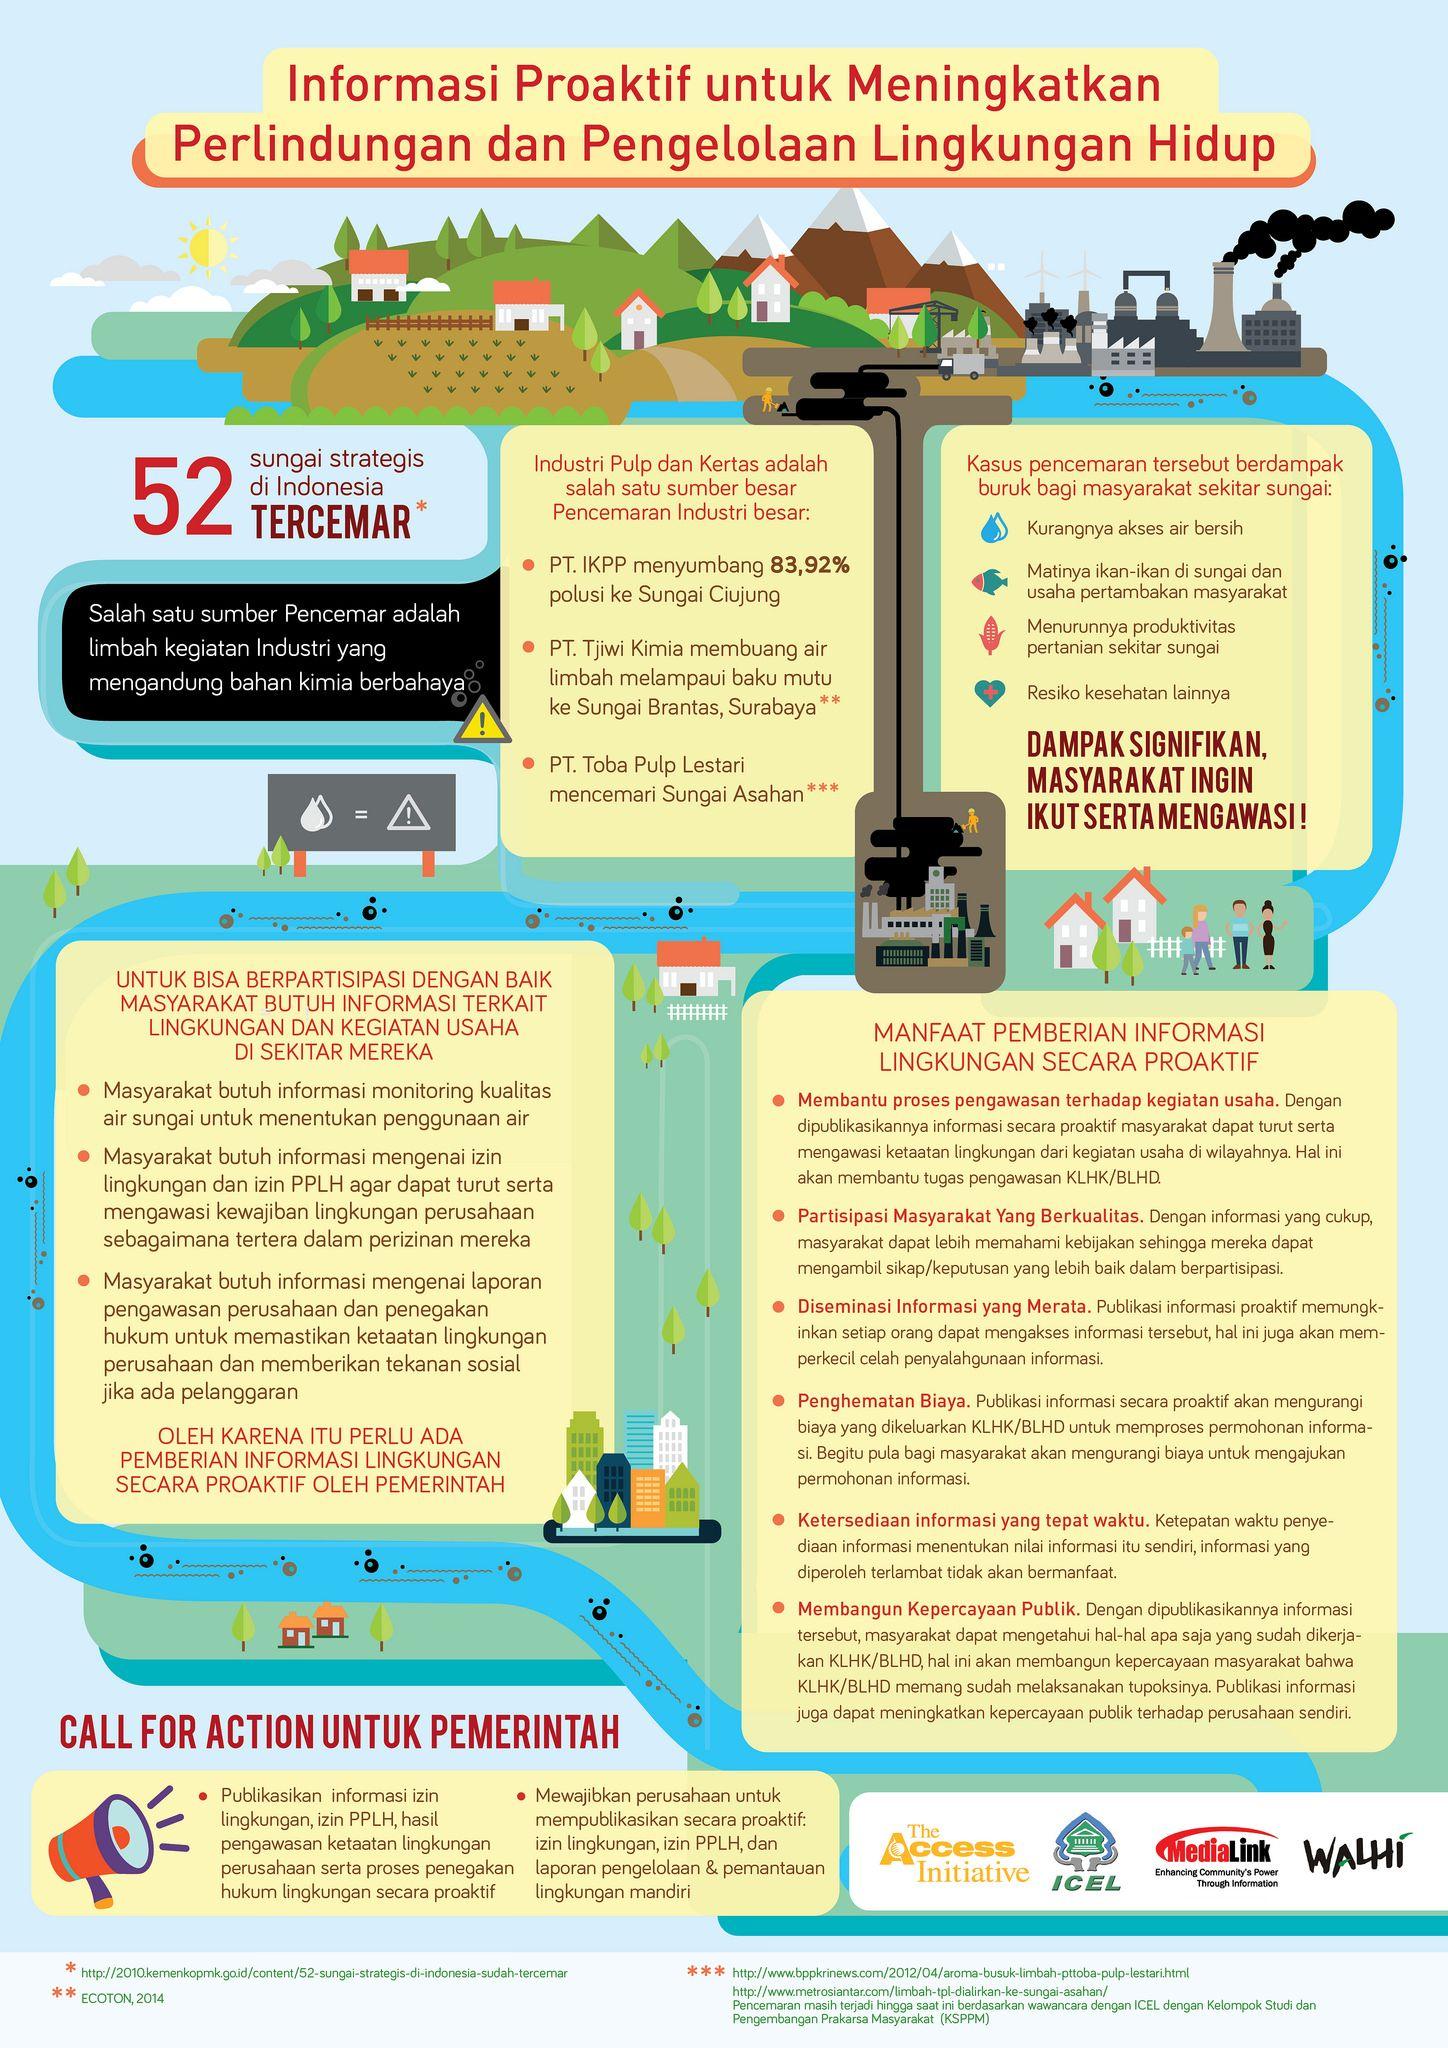 STRIPE Informasi Lingkungan Proaktif untuk Meningkatkan